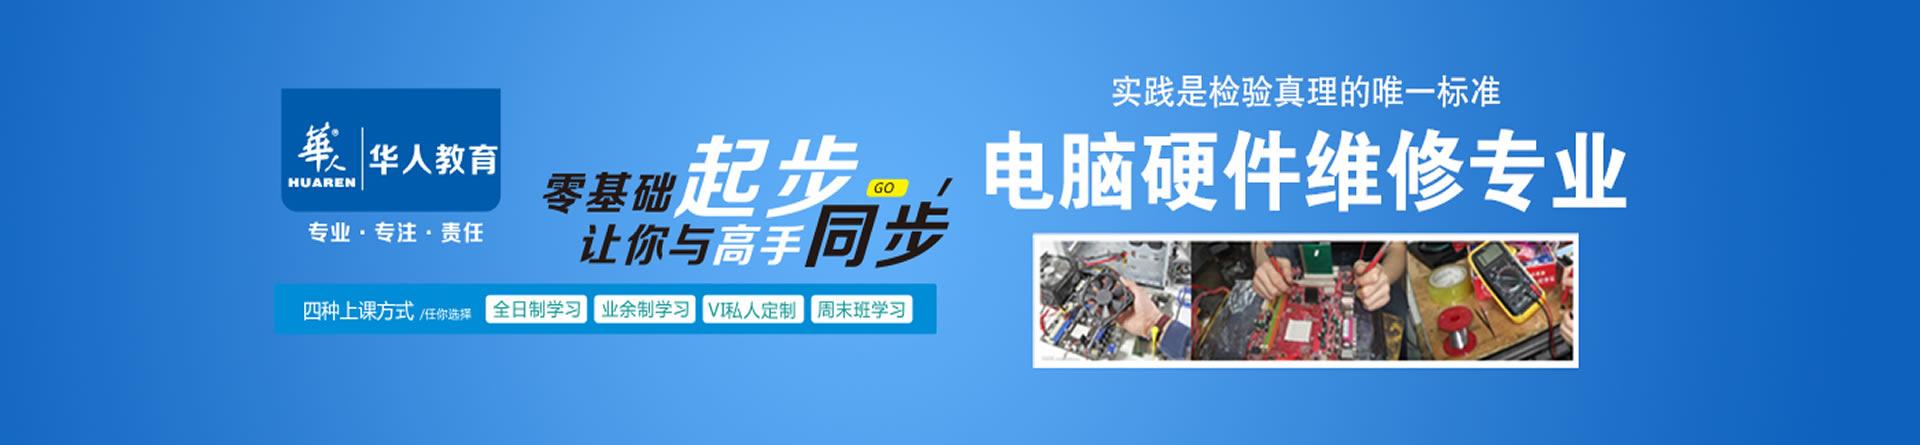 郑州华人电脑设计培训学校